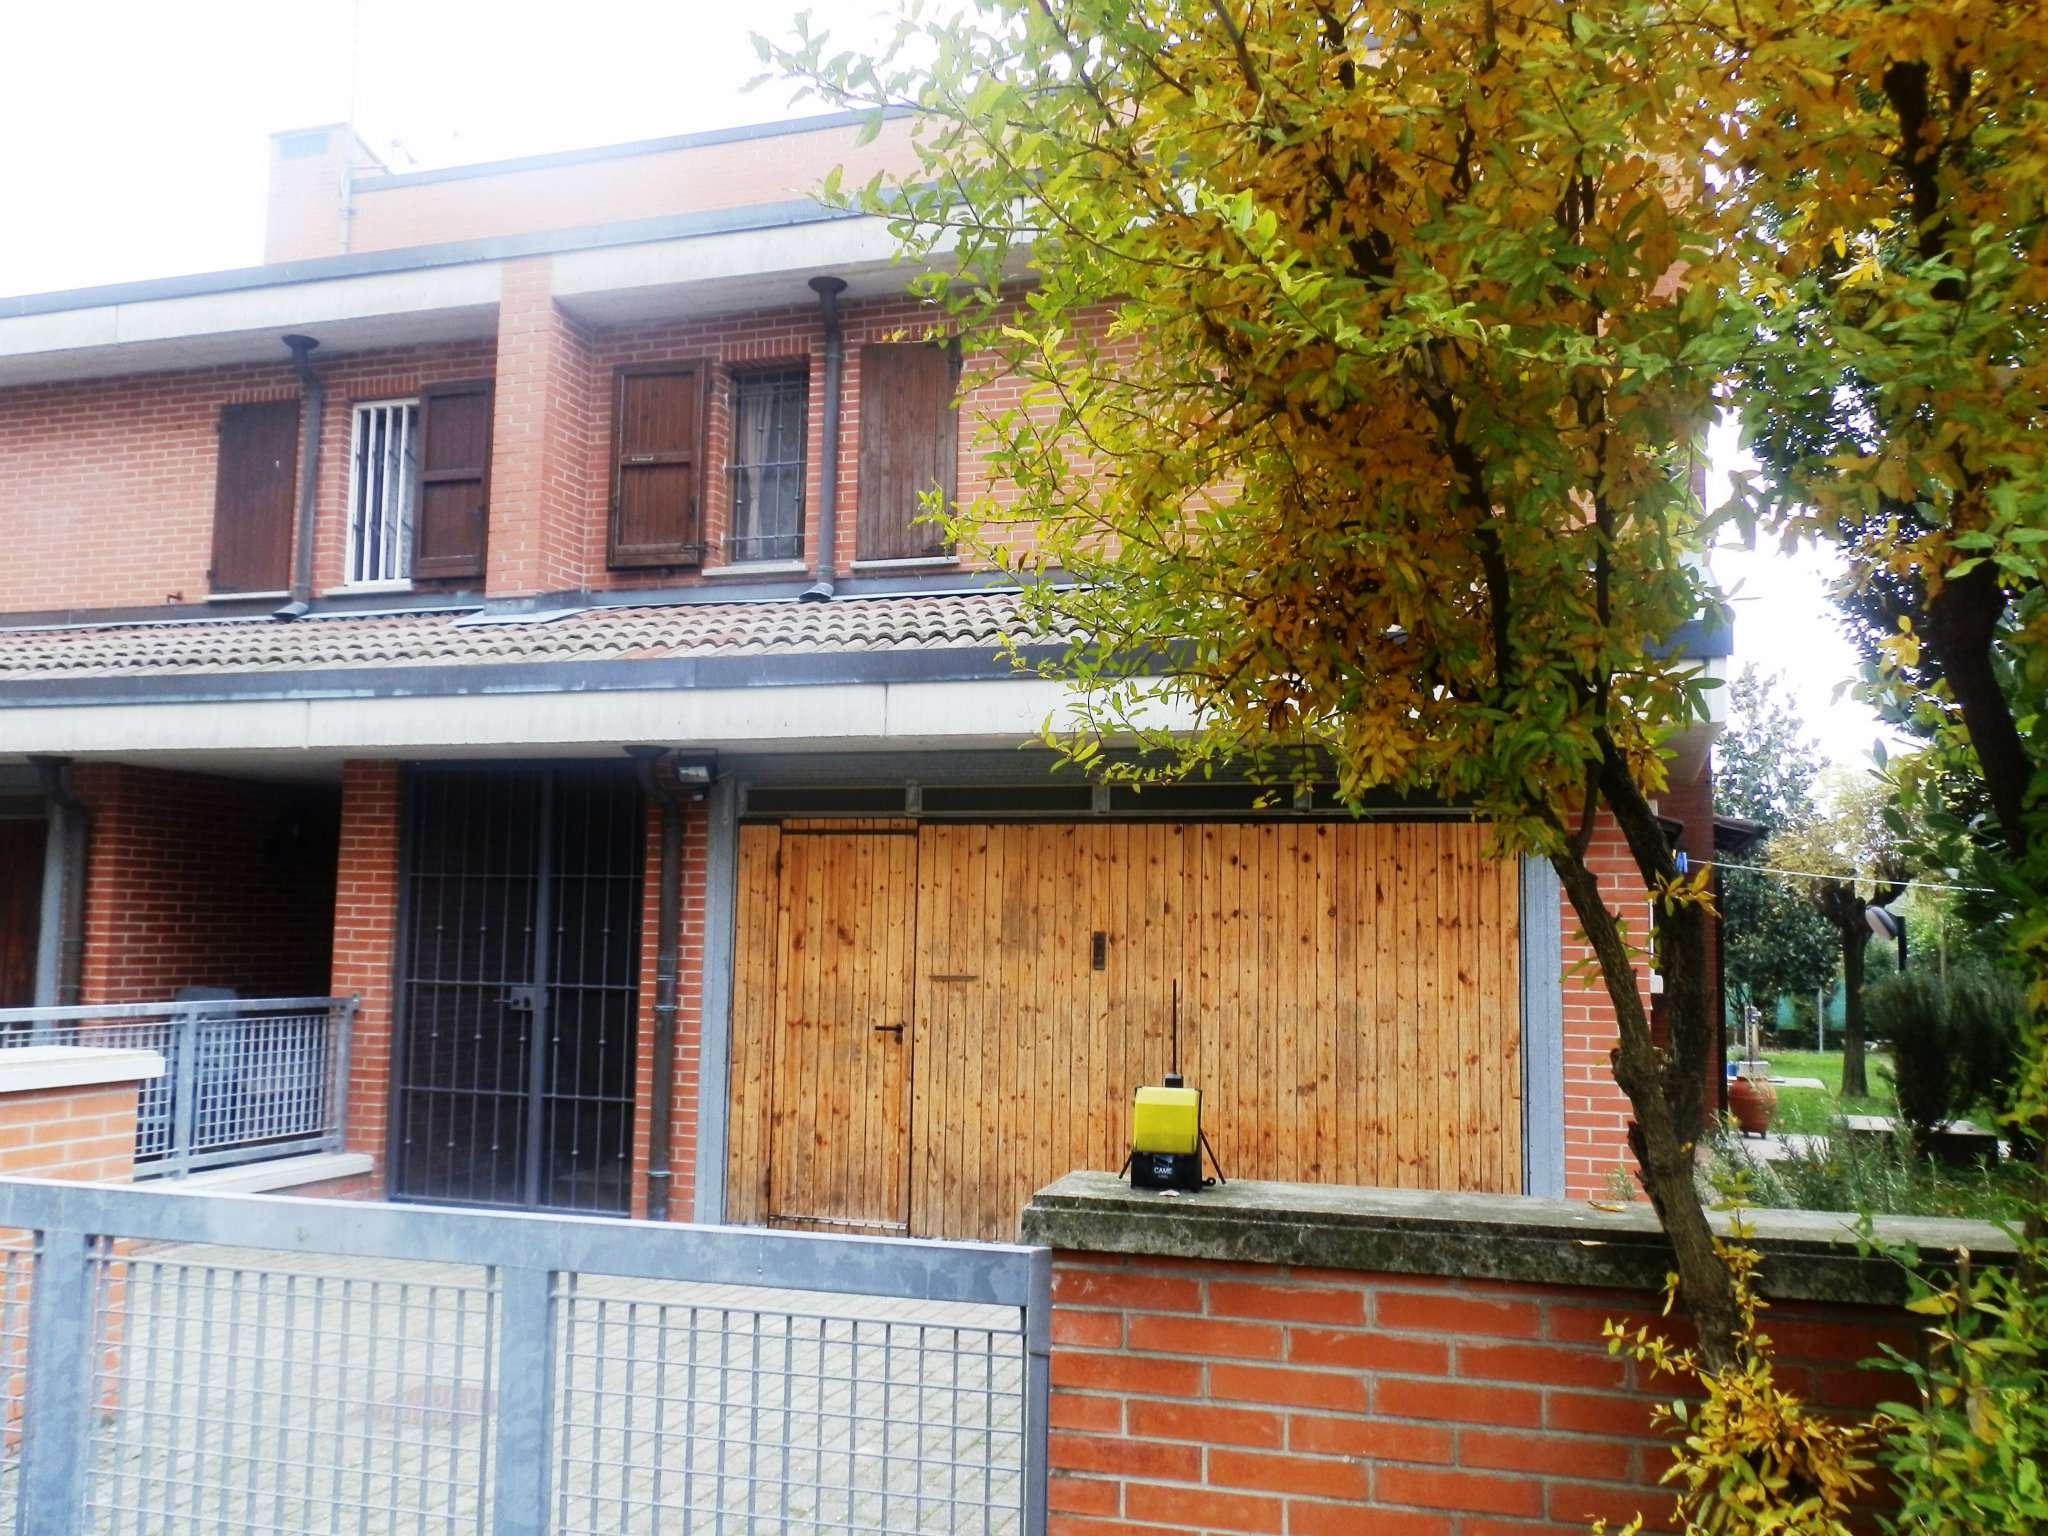 Villa Bifamiliare in vendita a San Giorgio di Piano, 6 locali, prezzo € 285.000 | CambioCasa.it